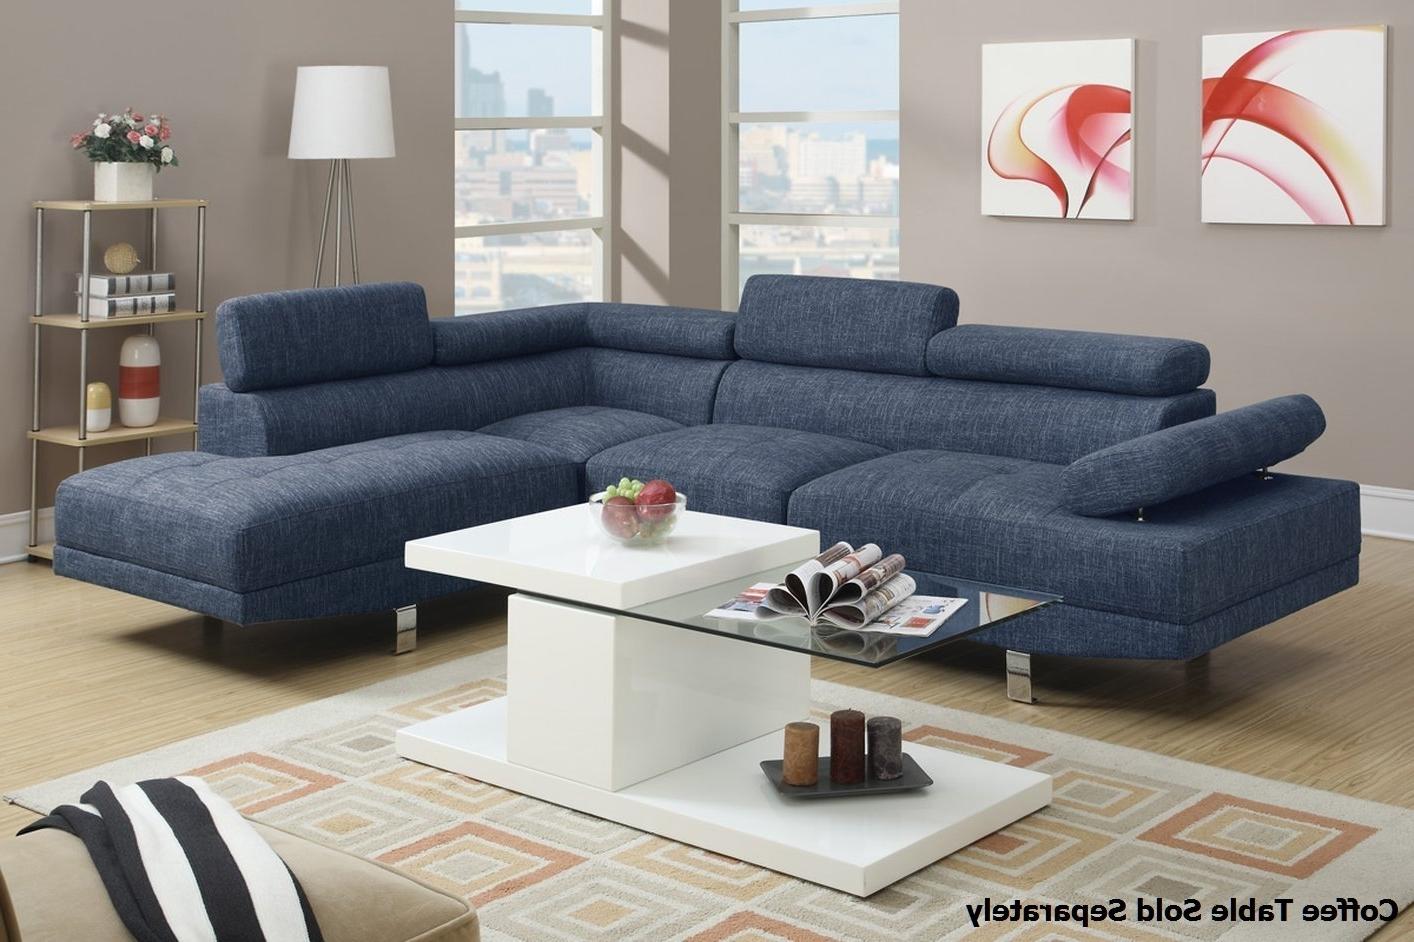 Houston Tx Sectional Sofas With Latest Sofas Centerectionalofa Blue Velvet Denim Navy Houston Texas (View 9 of 15)